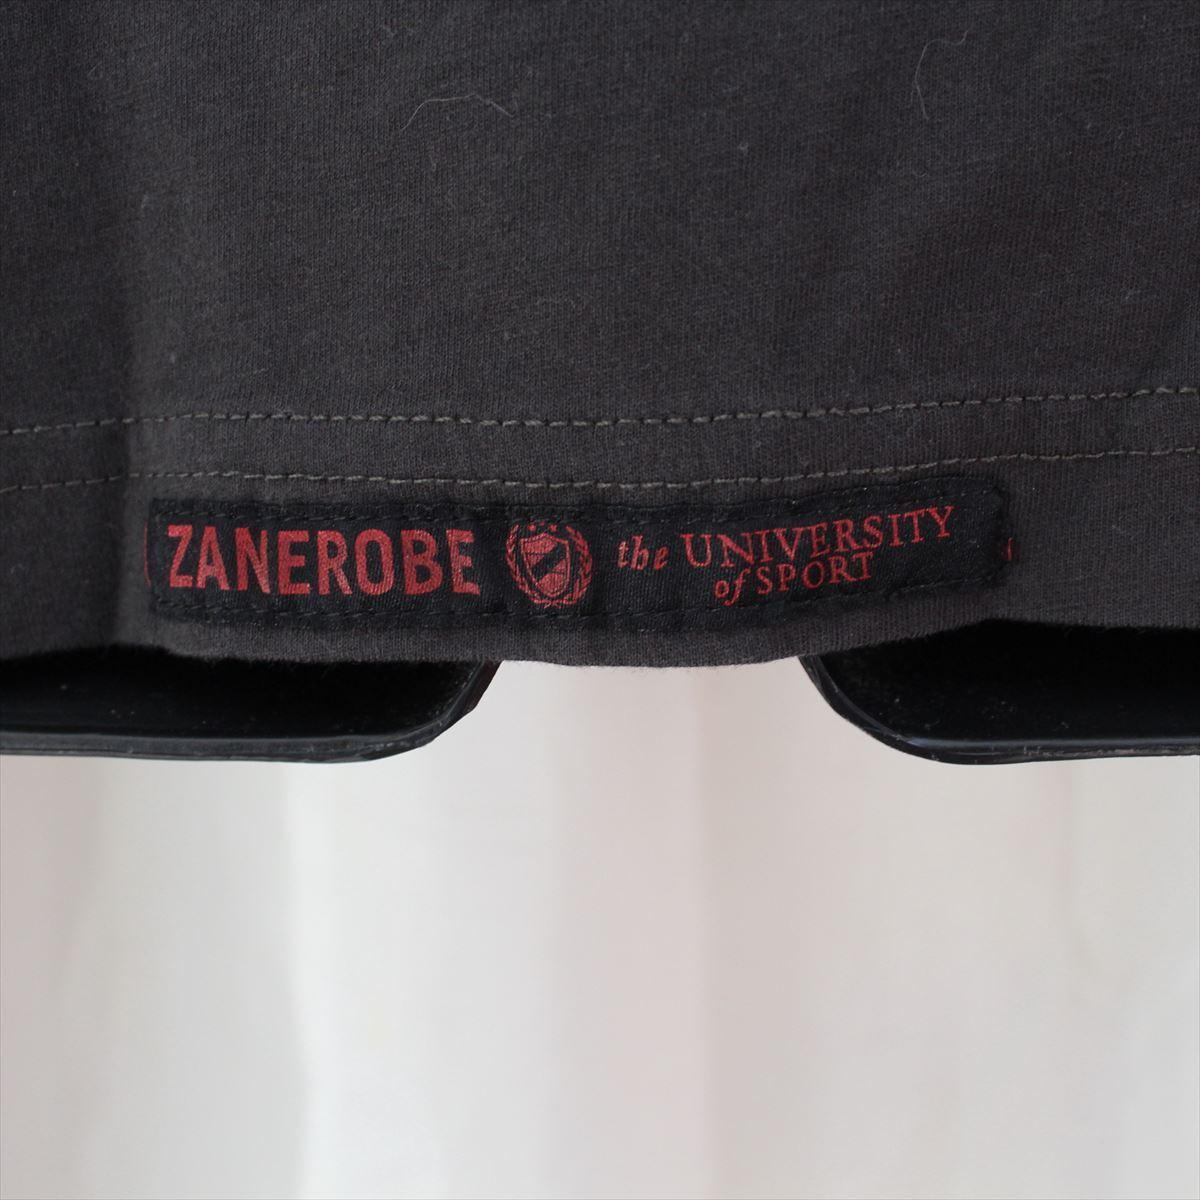 ゼインローブ ZANEROBE メンズ半袖Tシャツ ブラック Sサイズ 新品_画像5